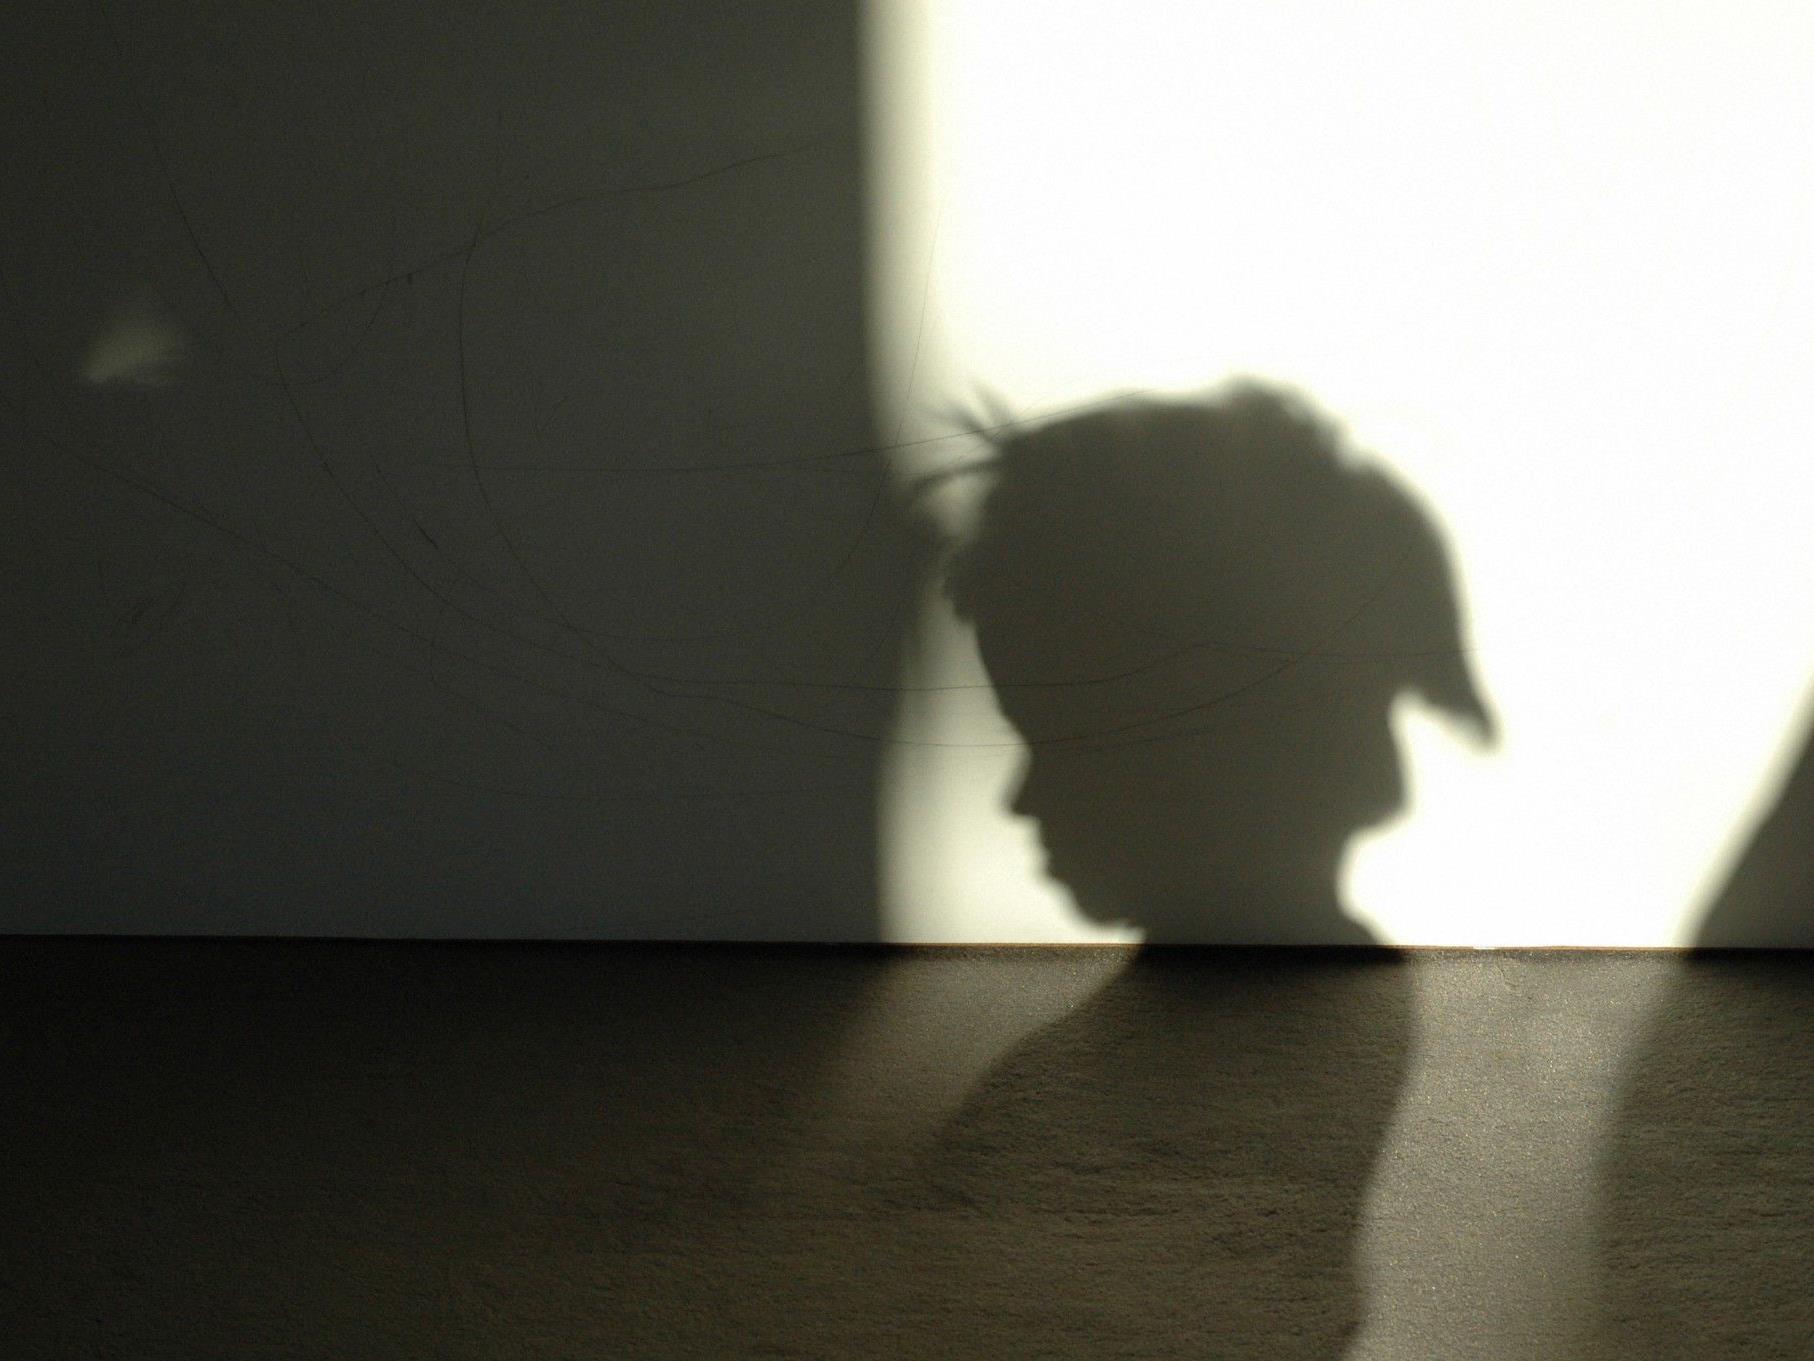 Der Angeklagte soll zwischen 2002 und 2004, also im Alter von 14 bis 16 Jahren, seine eigene Cousine mehrmals sexuell missbraucht und vergewaltigt haben und ihr auch Schläge ins Gesicht verpasst haben.